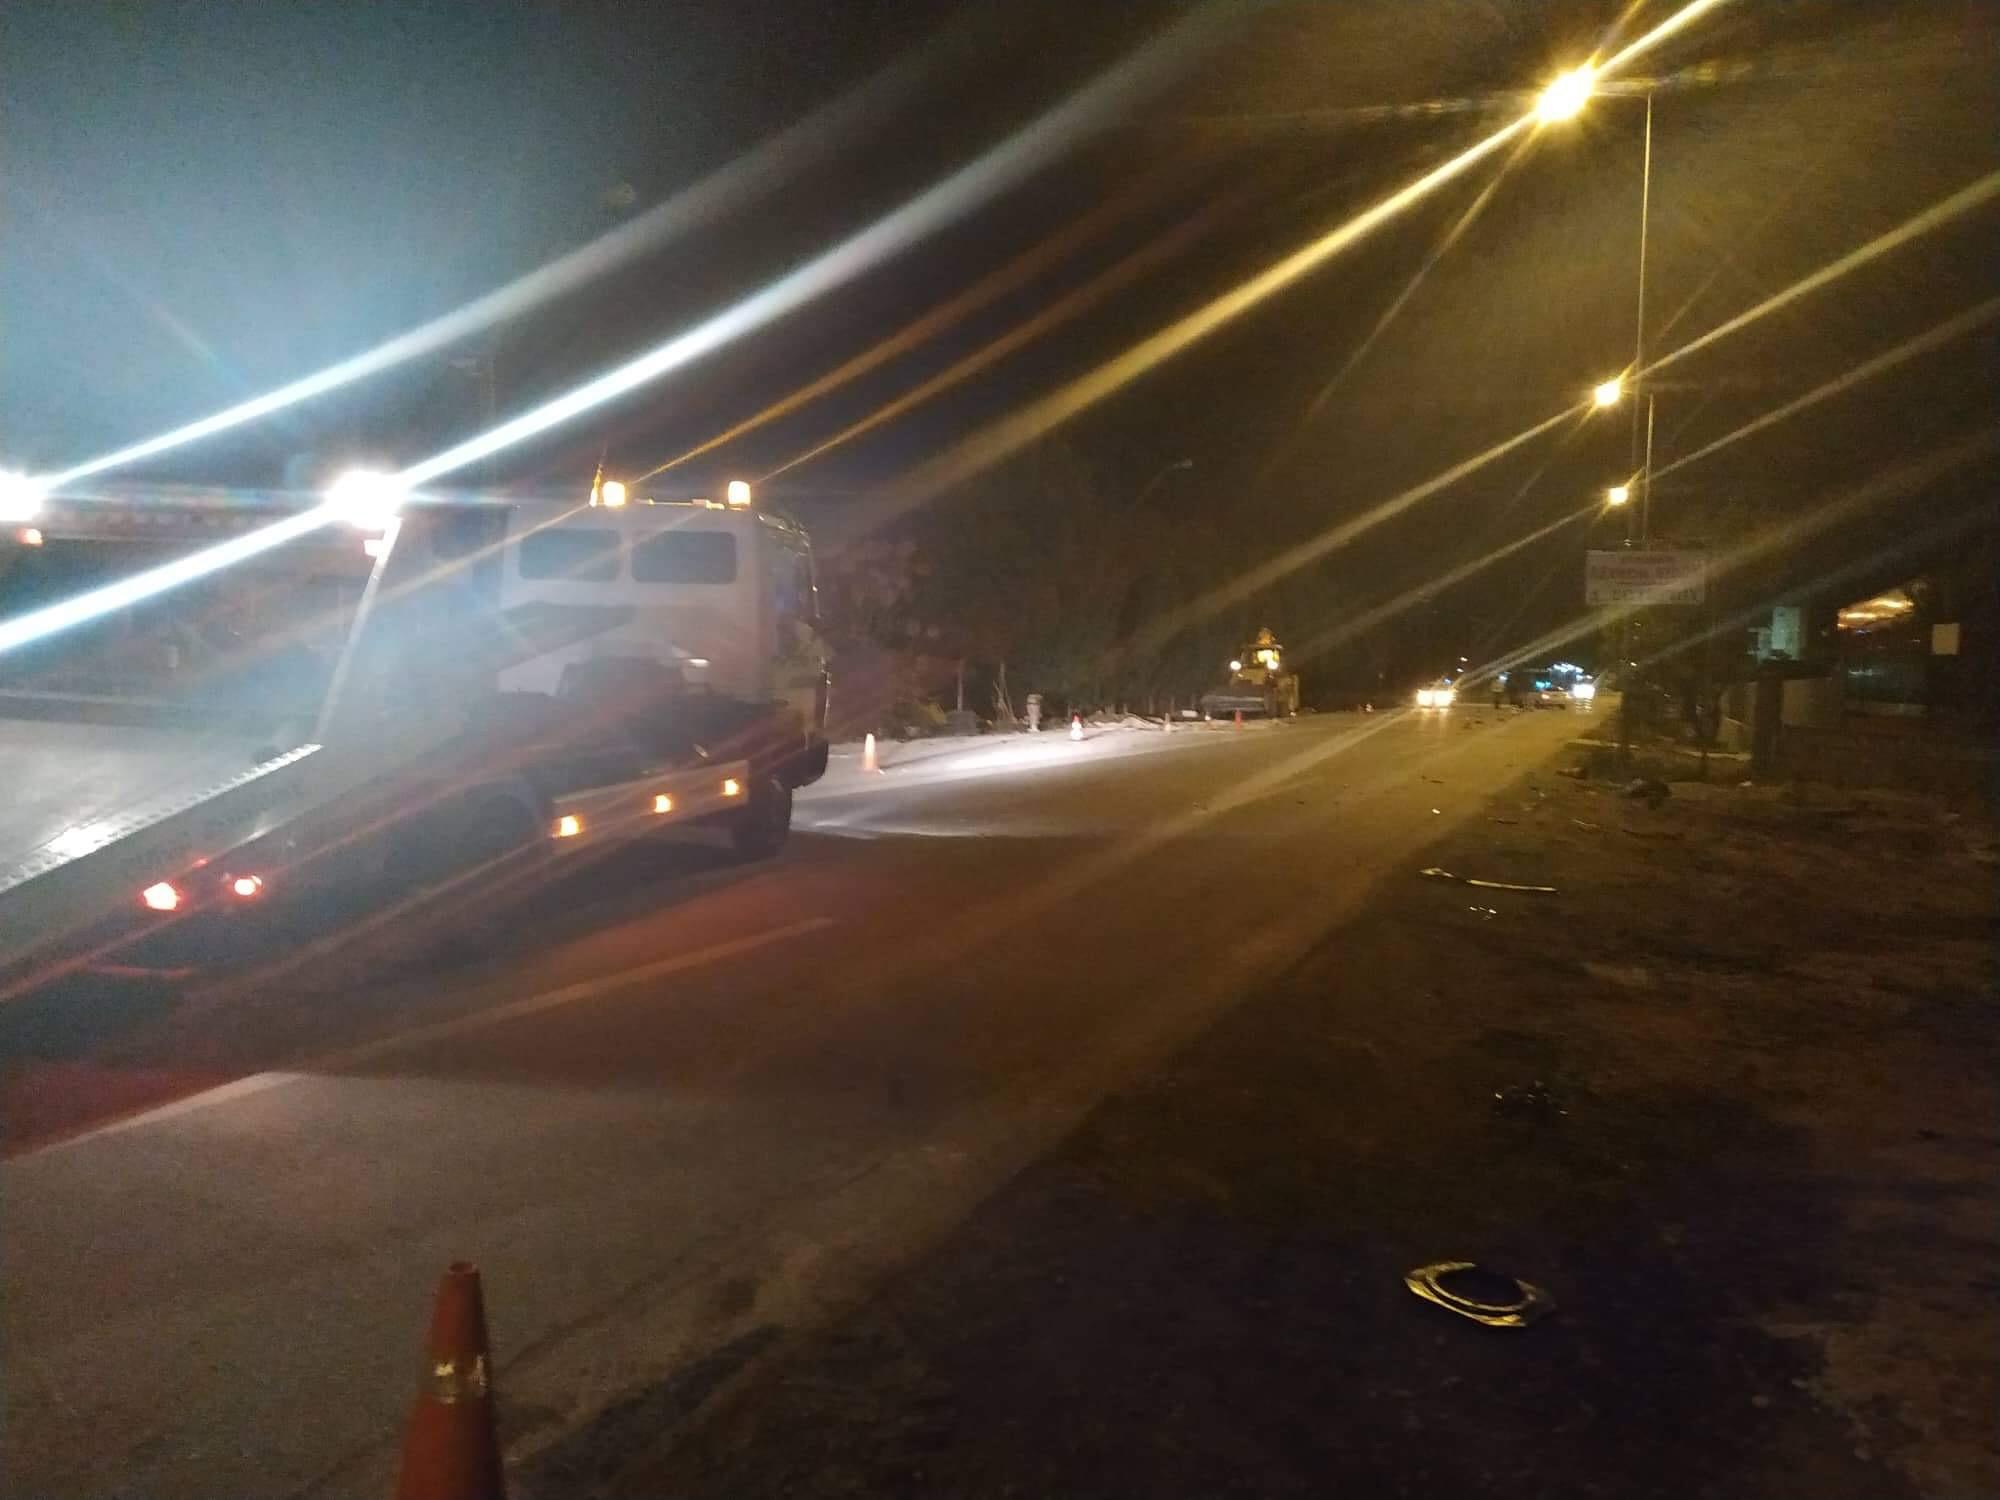 Αυτός είναι ο 60χρονος που βρήκε τραγικό θάνατο στο δρόμο Λάρισας - Συκουρίου